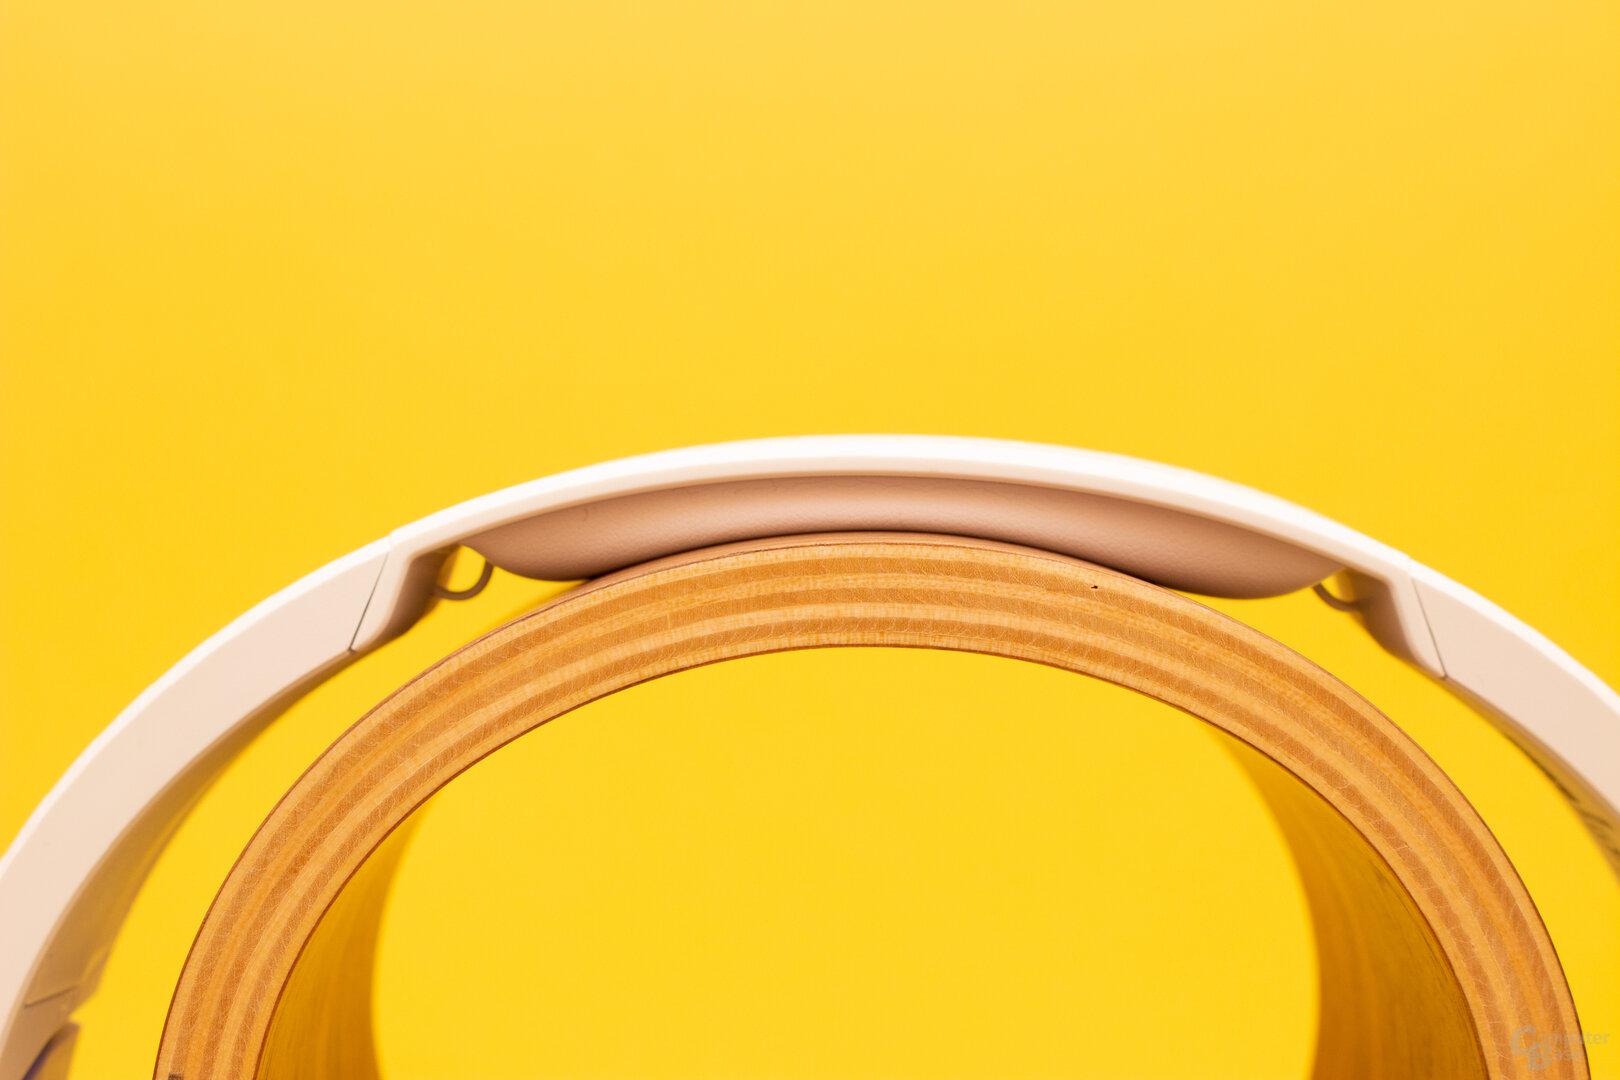 Das Bügelpolster des Recon Spark ist zwar kurz, reicht für einen bequemen Sitz aber aus